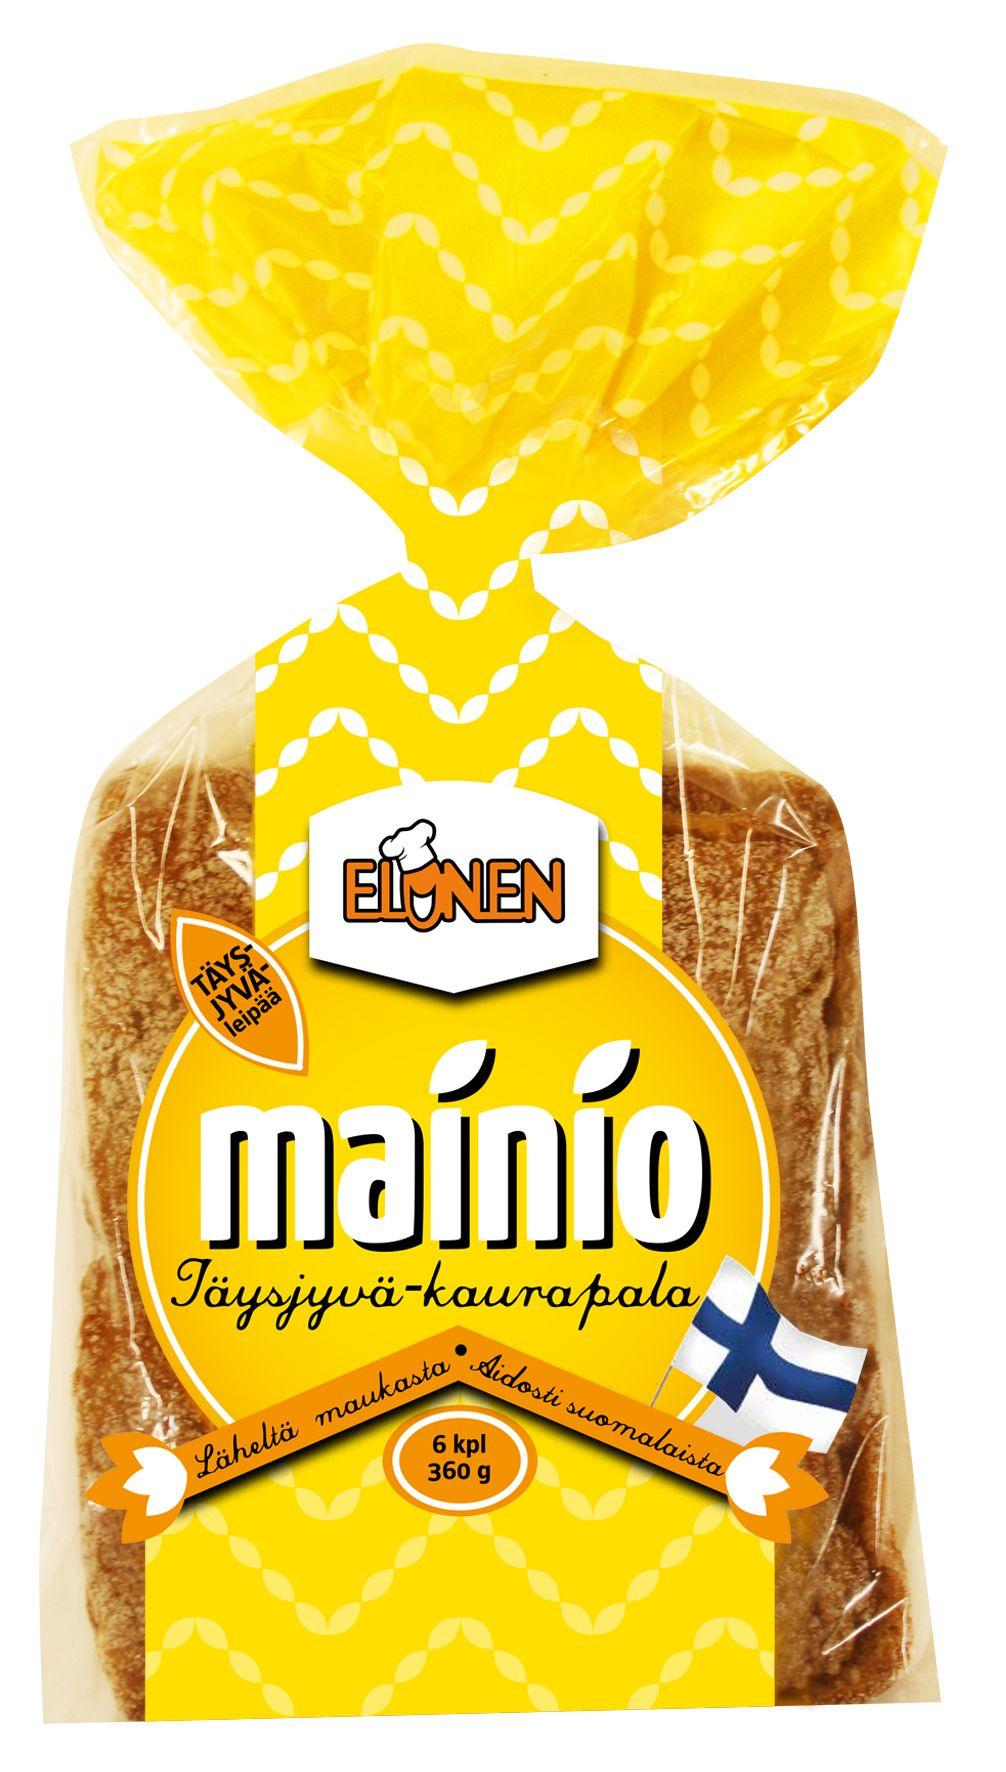 Elonen Mainio Täysjyvä-kaurapala  LAKTOOSITON, MAIDOTON, RUNSASKUITUINEN (7,3 %)